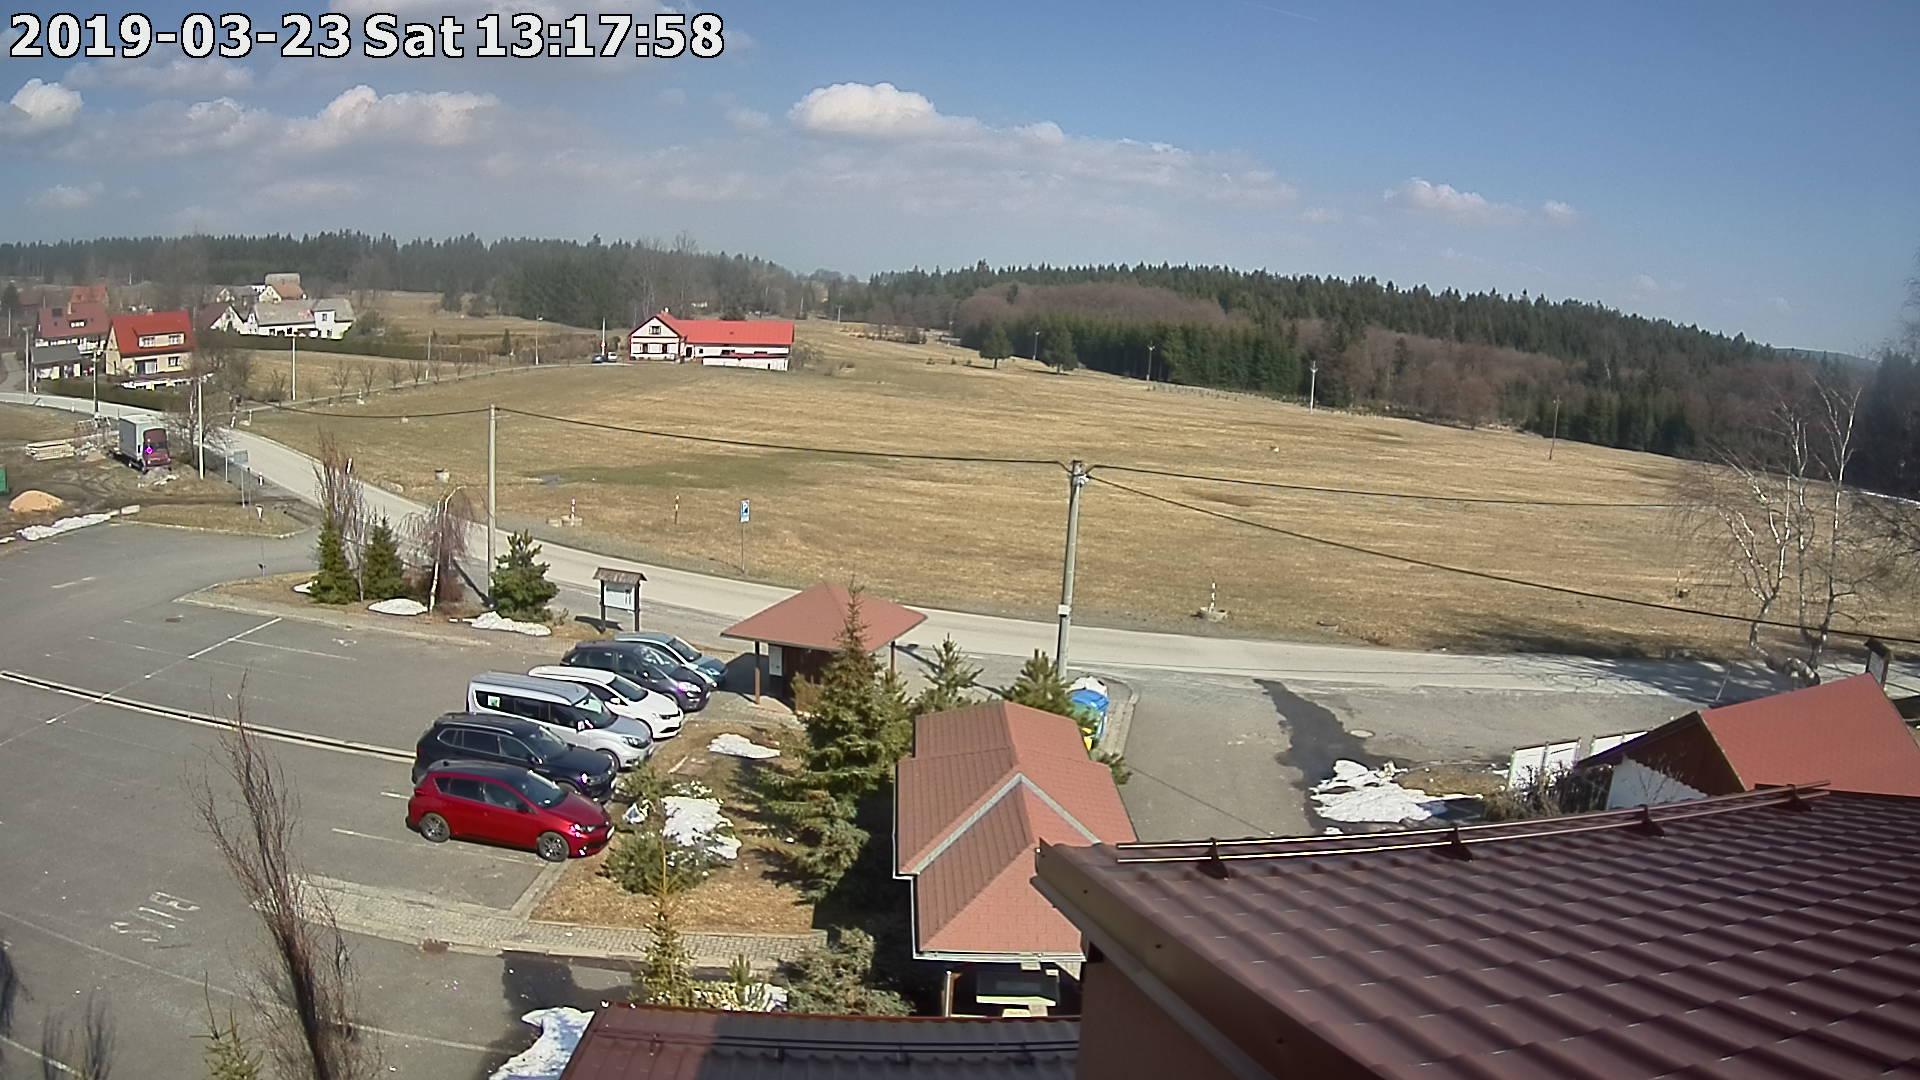 Webkamera ze dne 2019-03-23